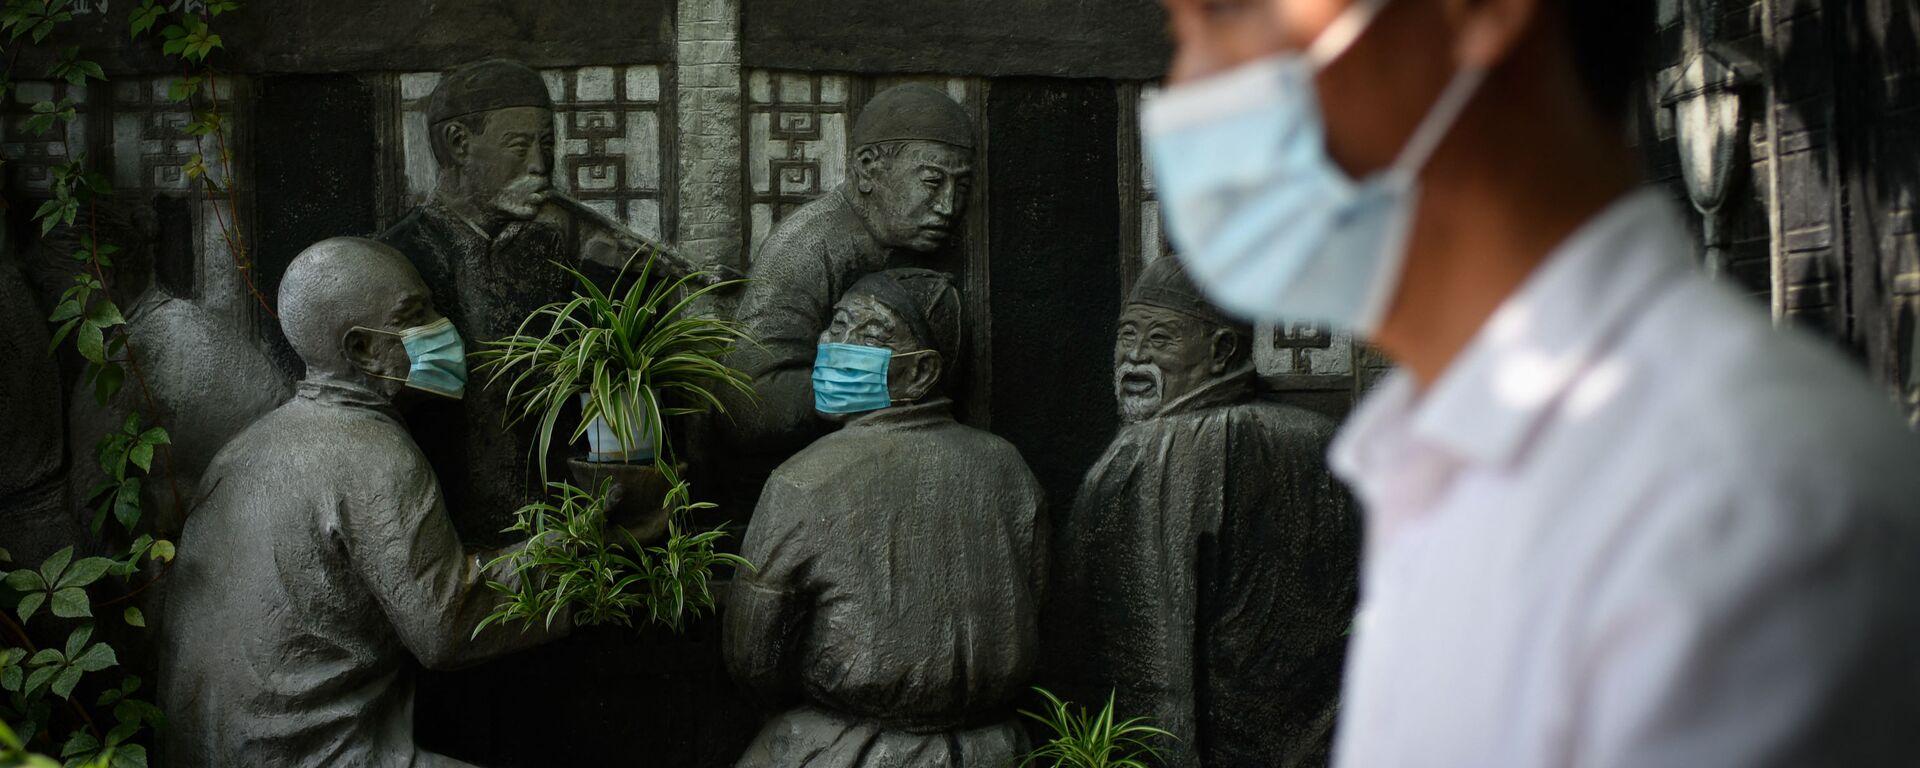 Muž prochází kolem soch v rouškách u restaurace v Pekingu, Čína - Sputnik Česká republika, 1920, 27.09.2021